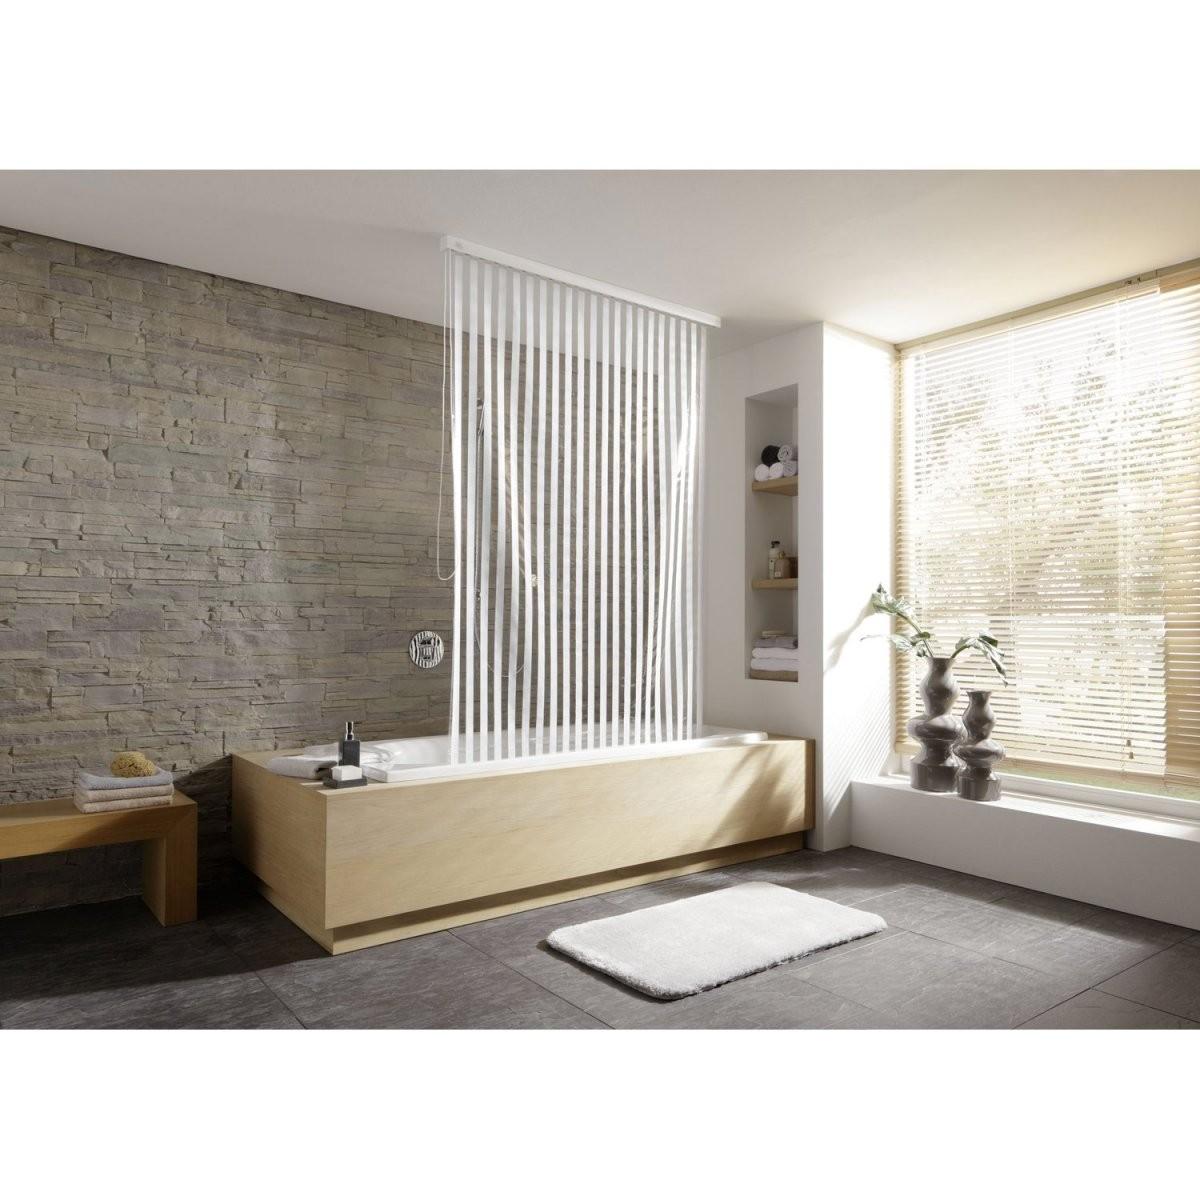 Duschstange Online Kaufen Bei Obi von Duschvorhangstange Badewanne L Form Photo